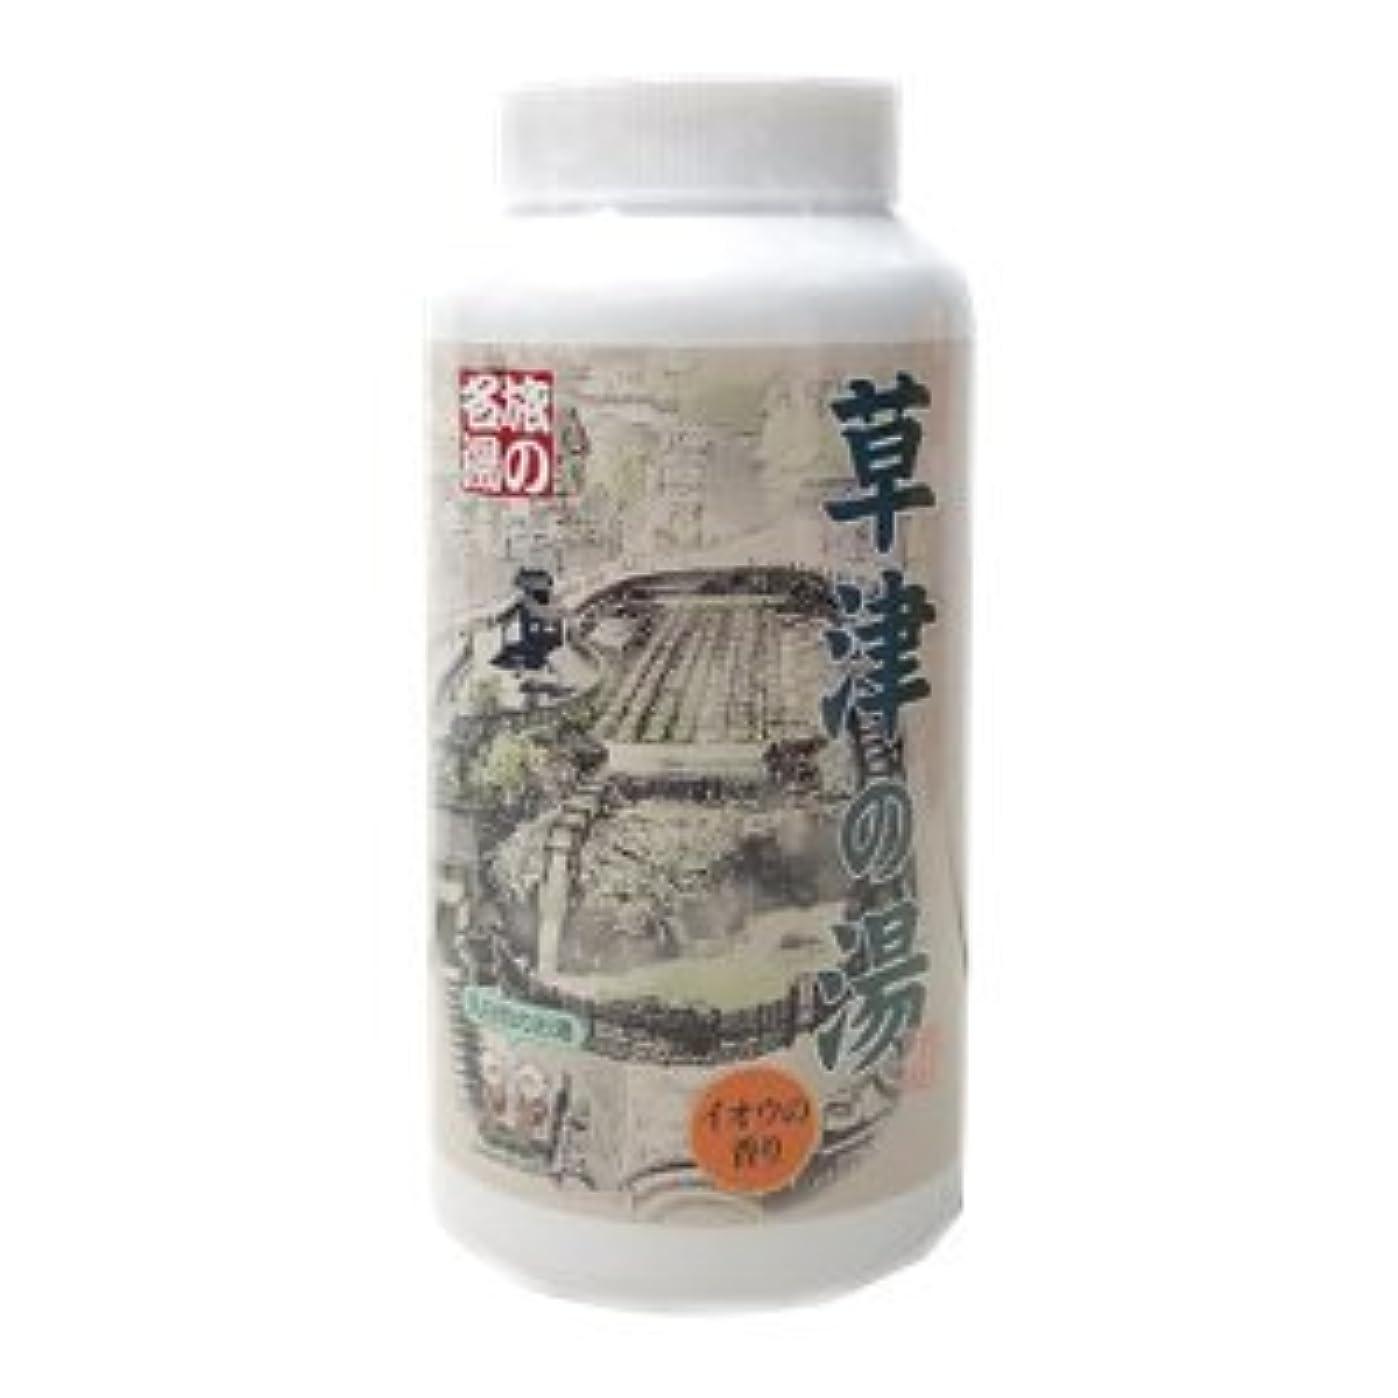 一月上に気取らない草津の湯入浴剤 『イオウの香り』 乳白色のお湯 500g 20回分